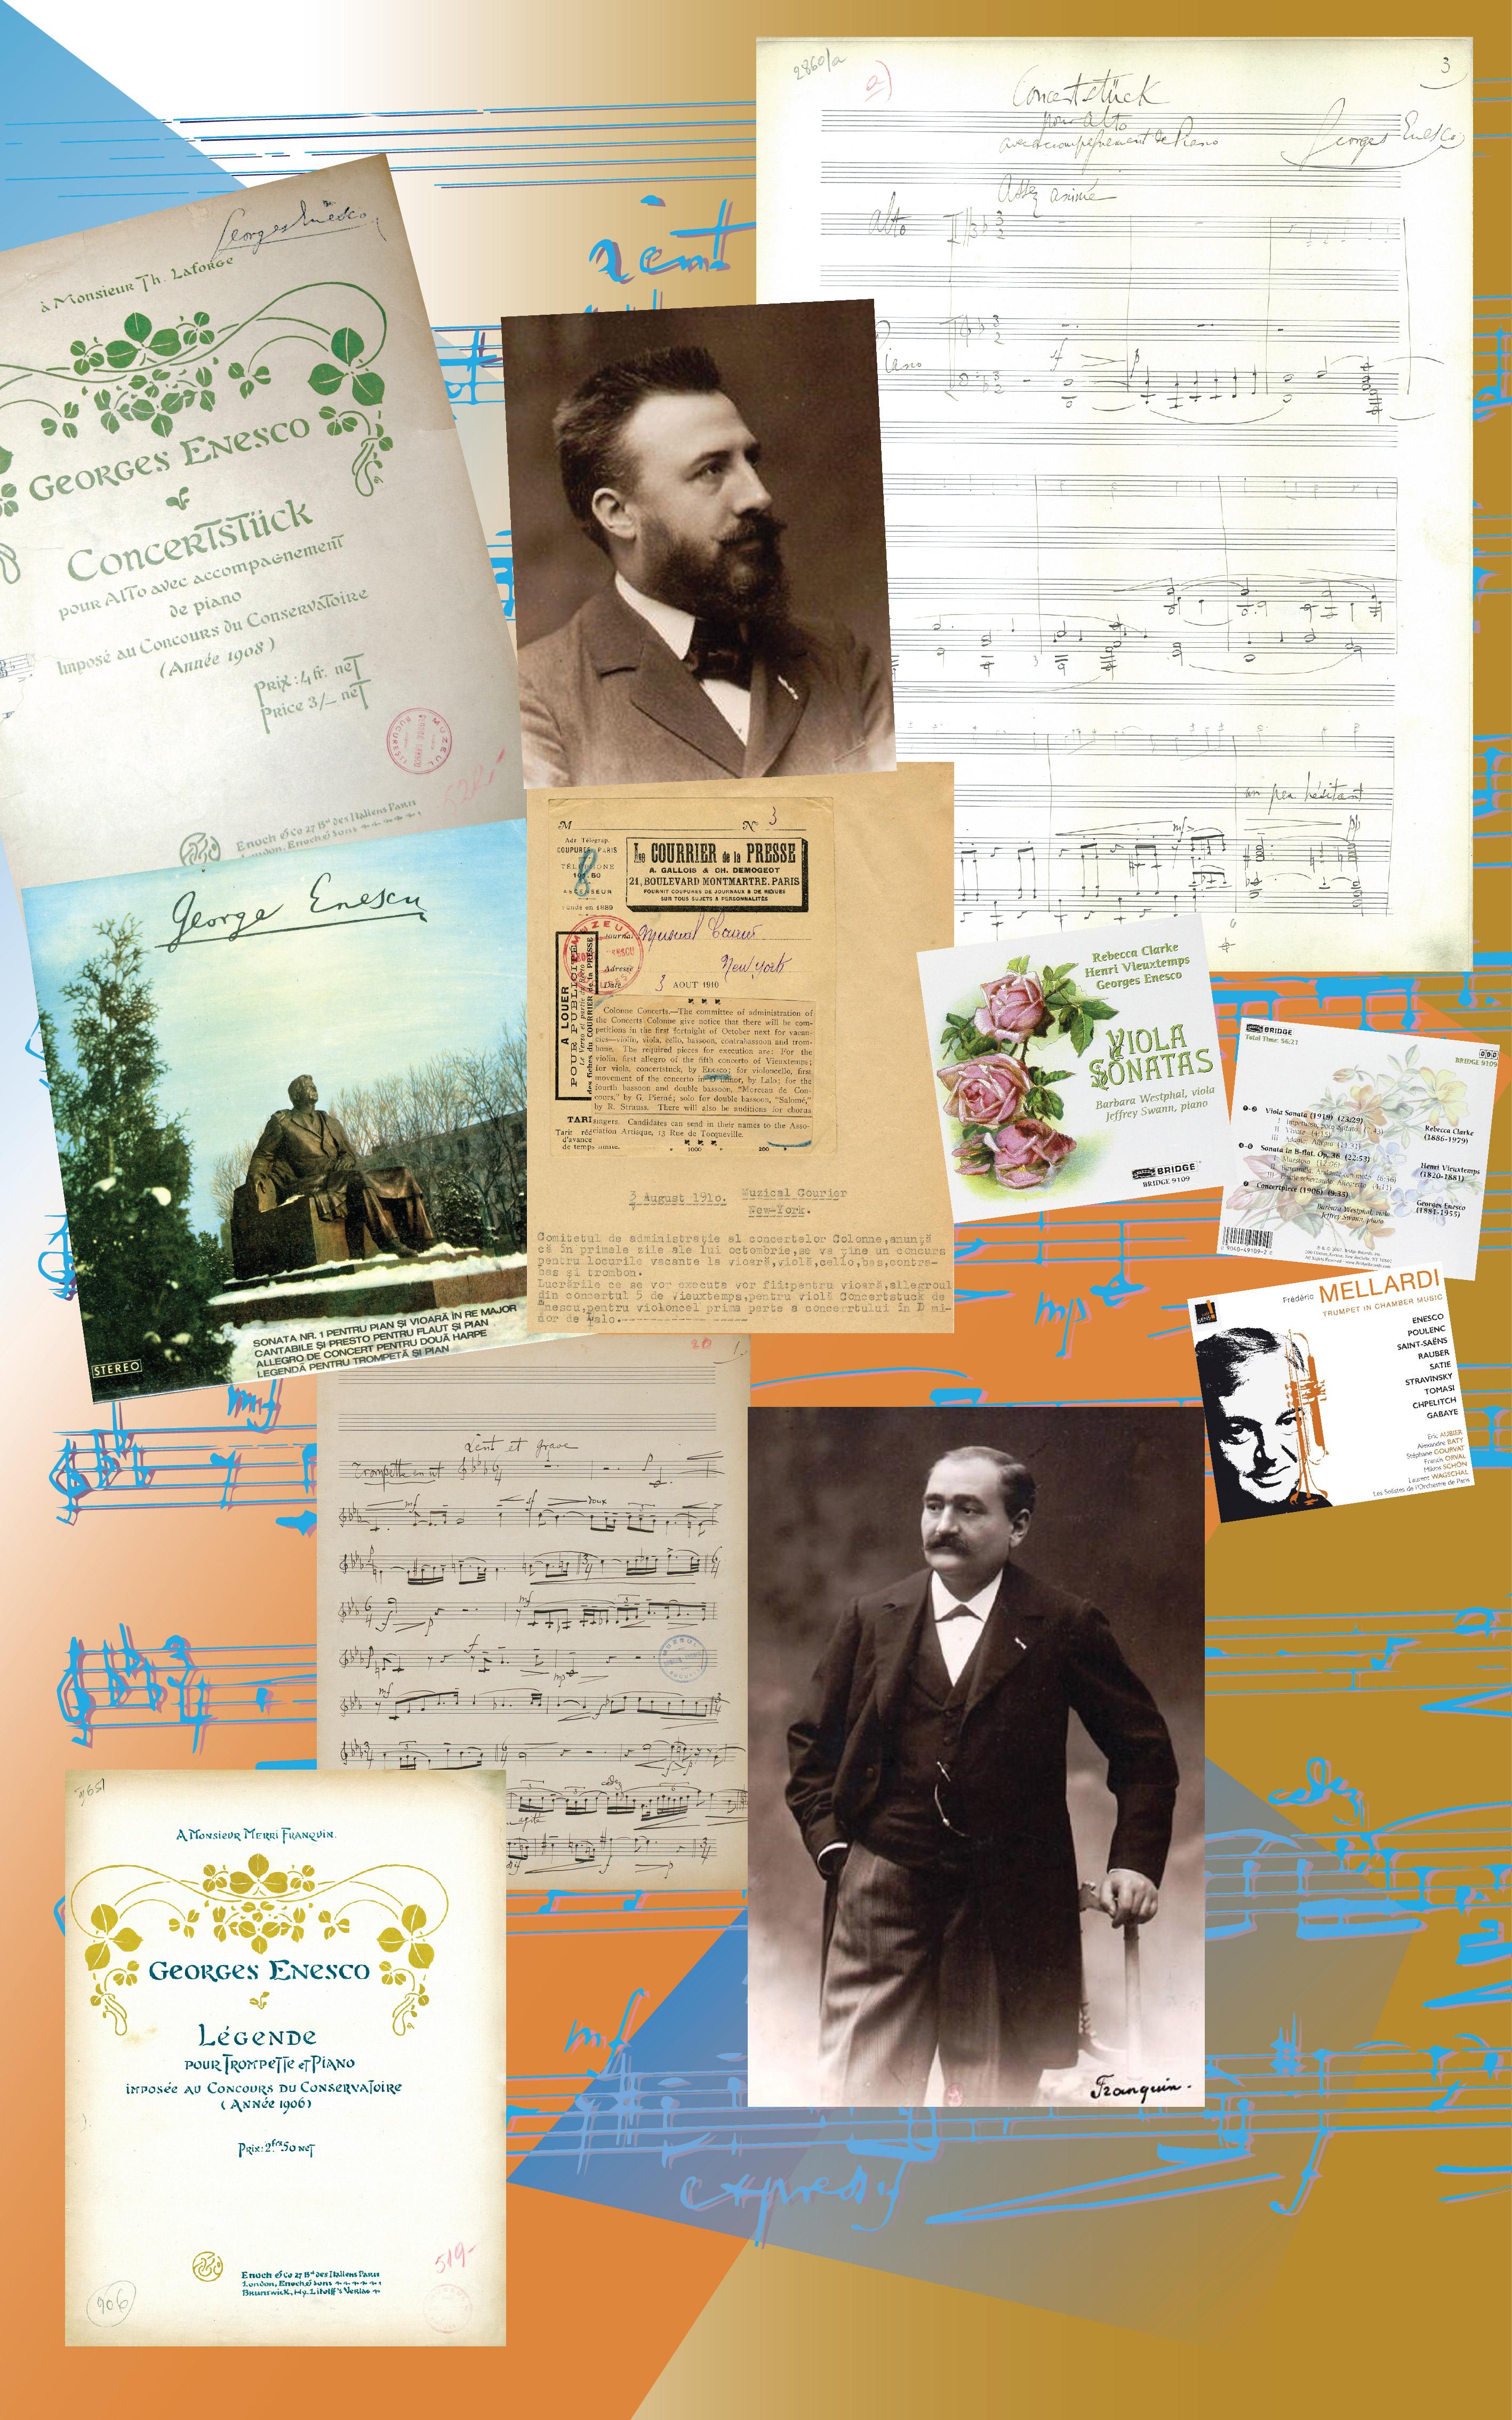 Creații didactice II –  Lucrări miniaturale pentru concursurile Conservatorului din Paris (2): <em>Concertstück  pentru violă și pian </em>(1906); <em>Legendă pentru trompetă și pian </em>(1906)